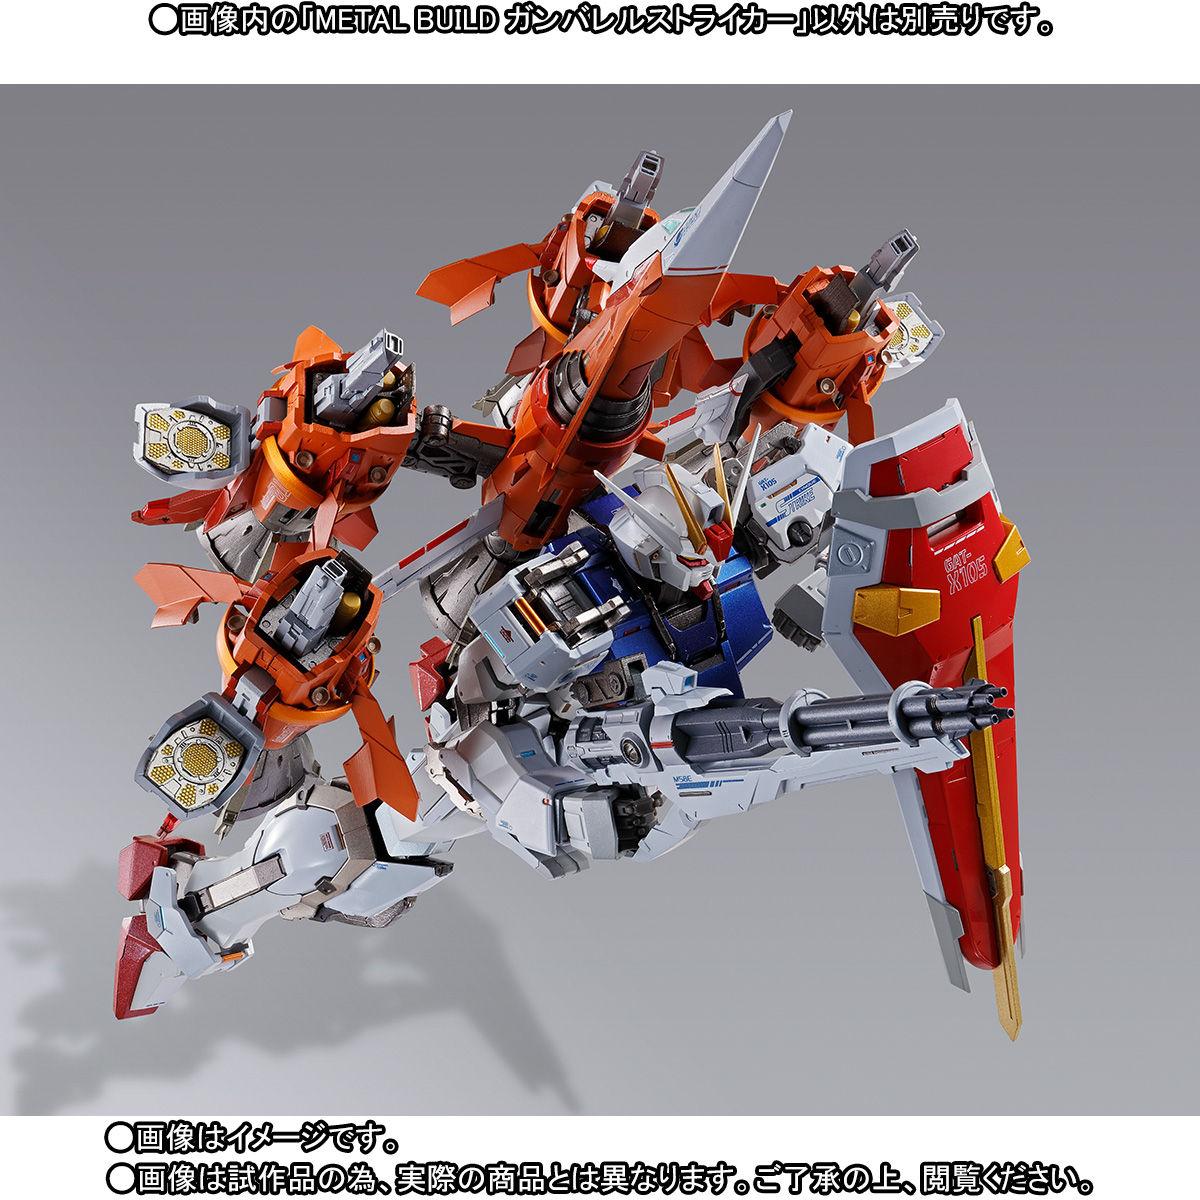 METAL BUILD『ガンバレルストライカー|機動戦士ガンダムSEED MSV』可動フィギュア-003